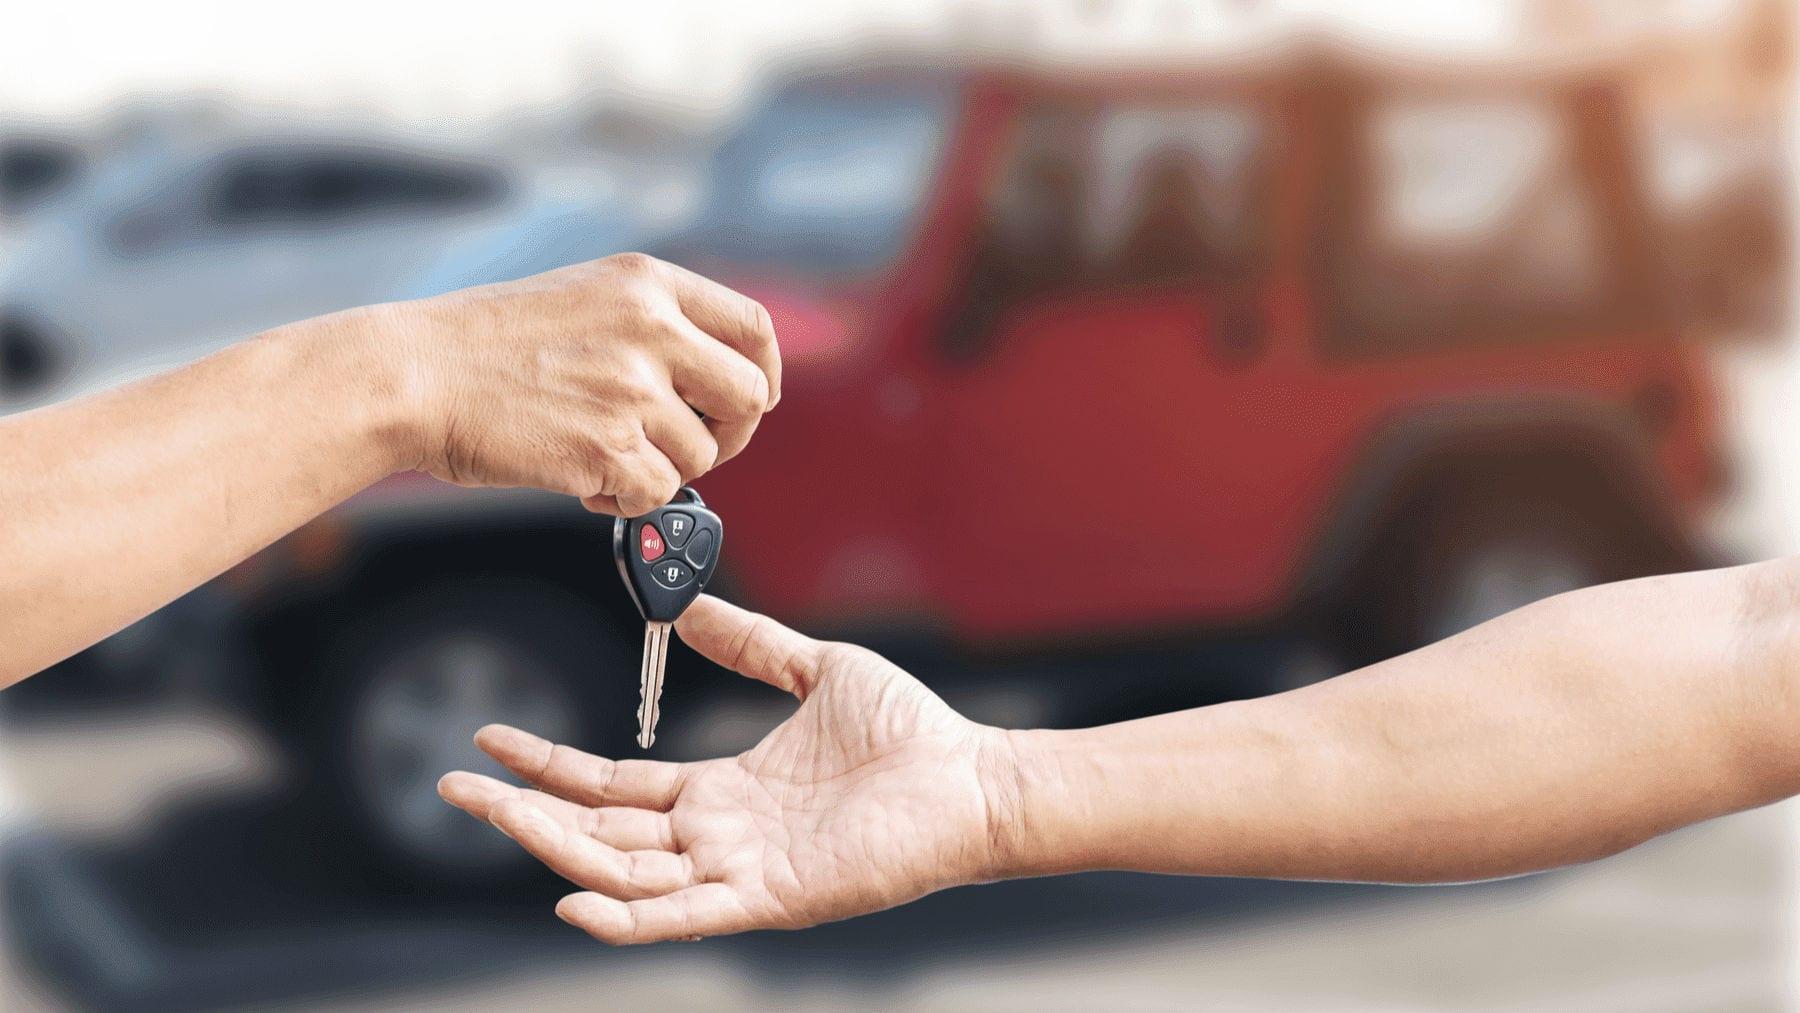 ¿Puedo vender mi auto que aún estoy pagando?